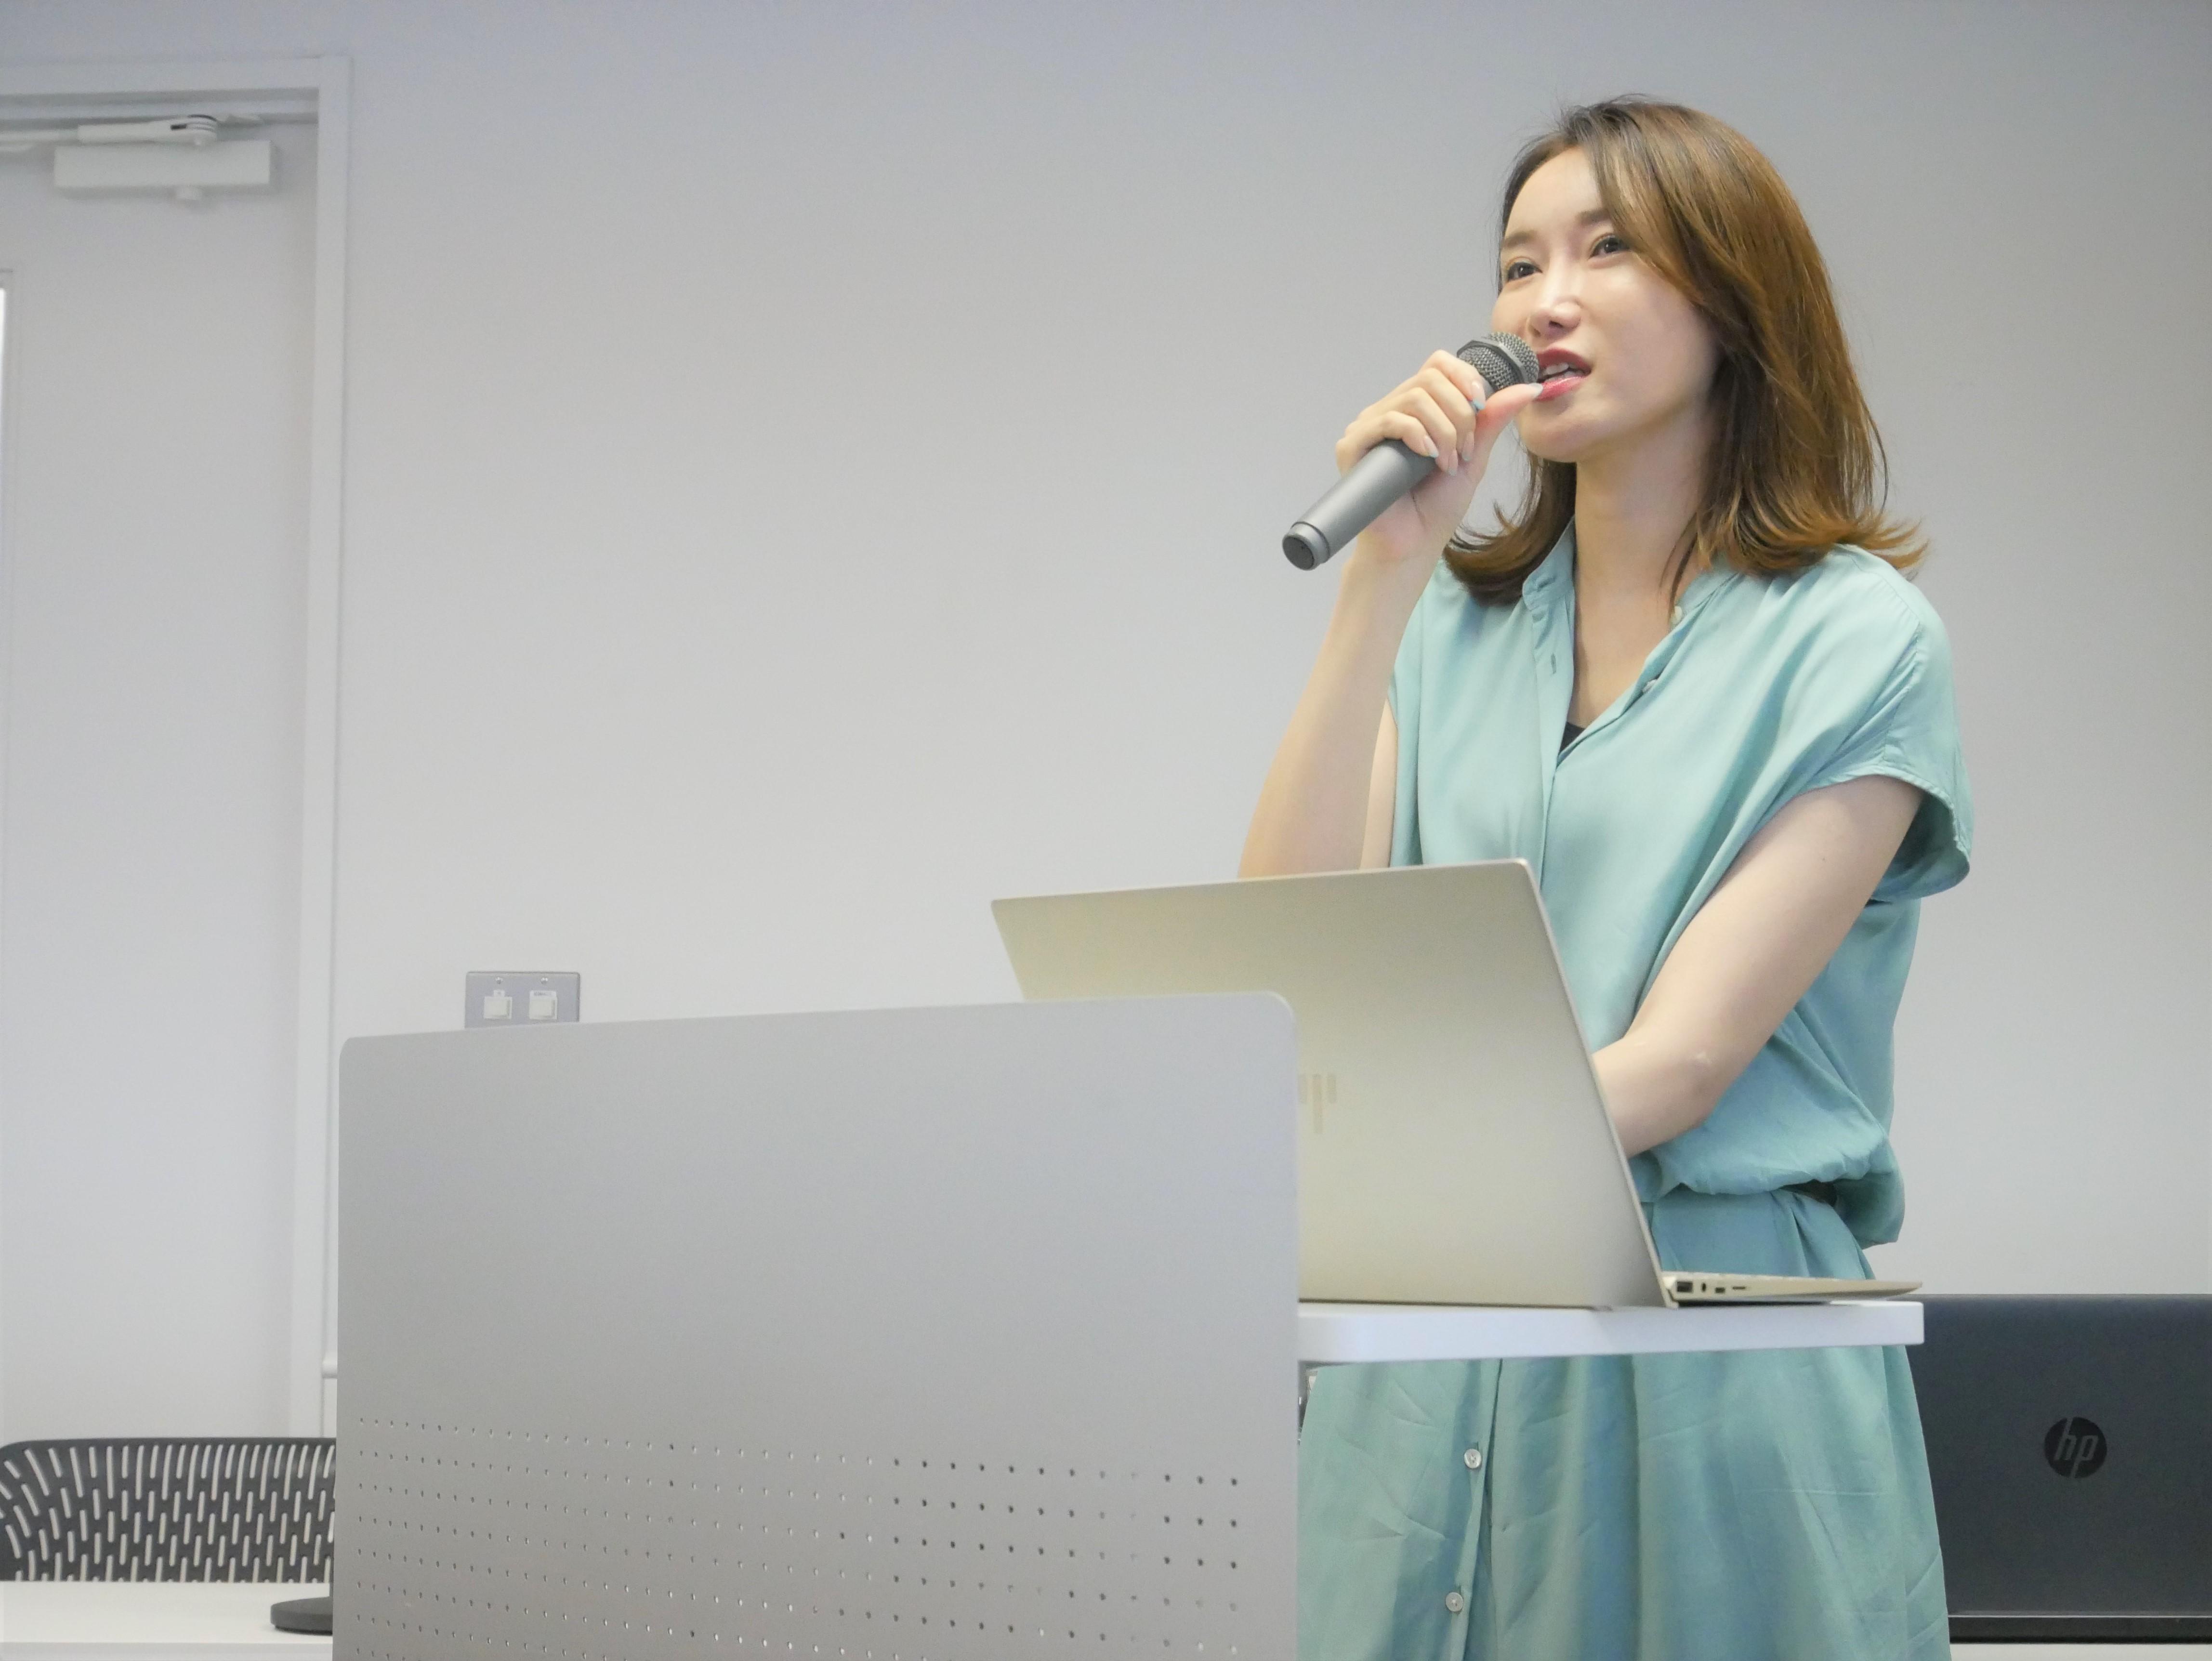 飯嶋真美フラームジャパン女性MR向け大阪カンファ